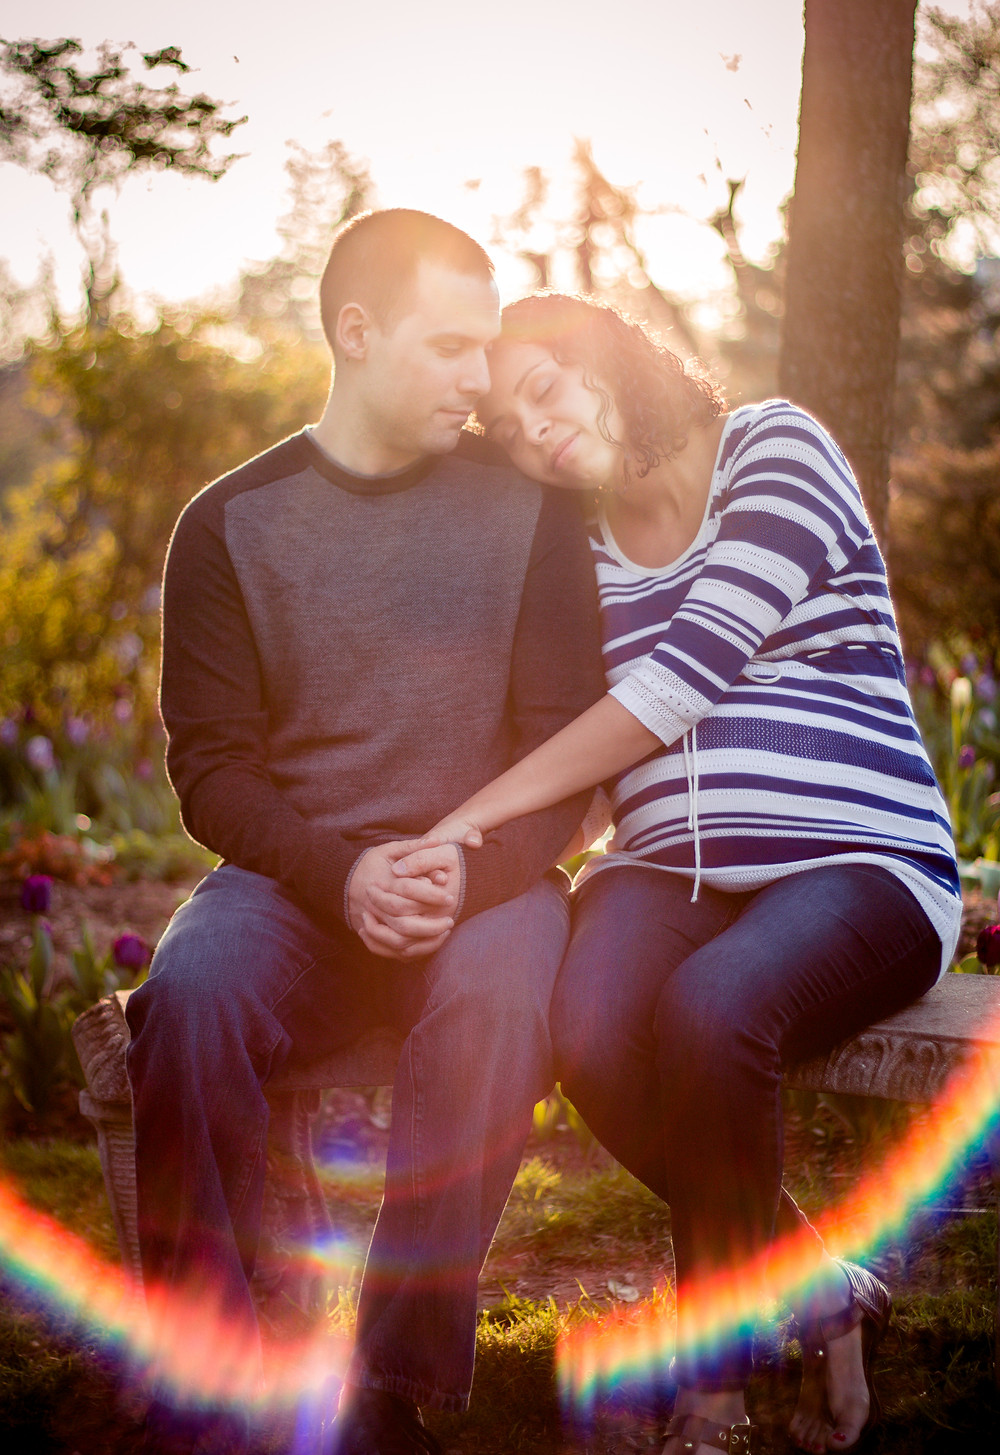 katherineelizabethphotography-maternity-sherwood gardens